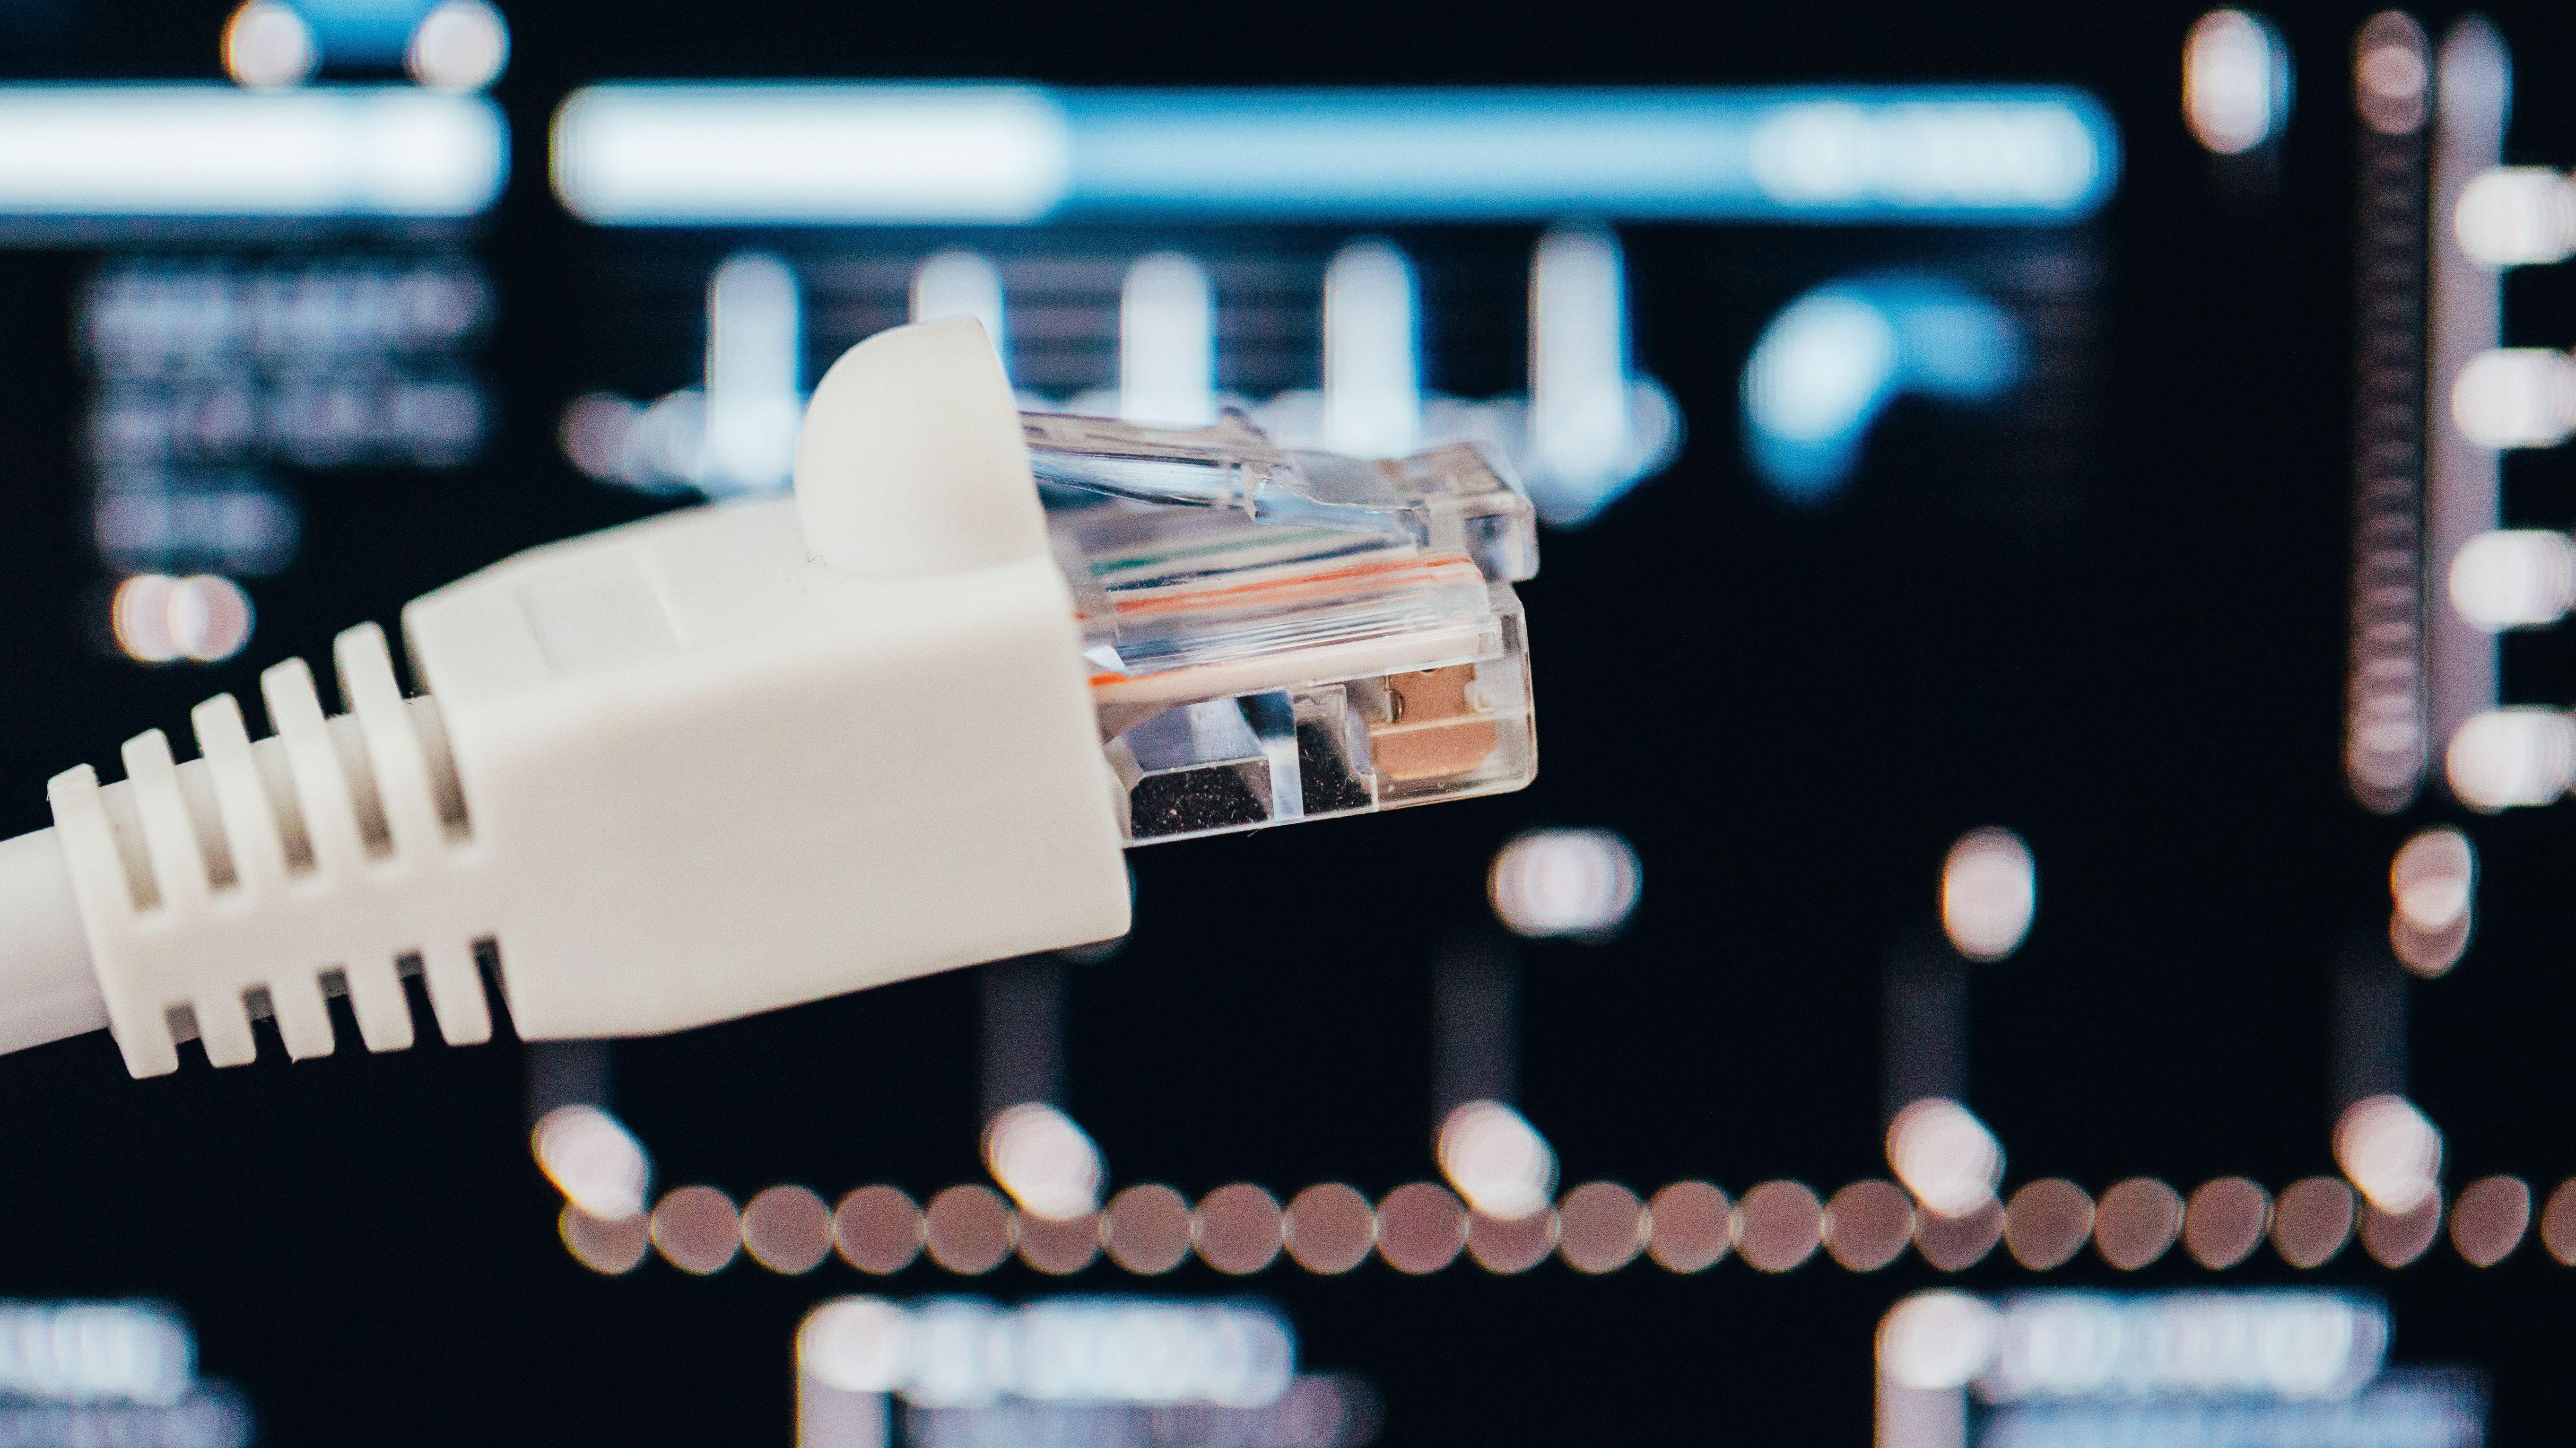 Steckverbindung fir Hochgeschwindigkeits-Internet